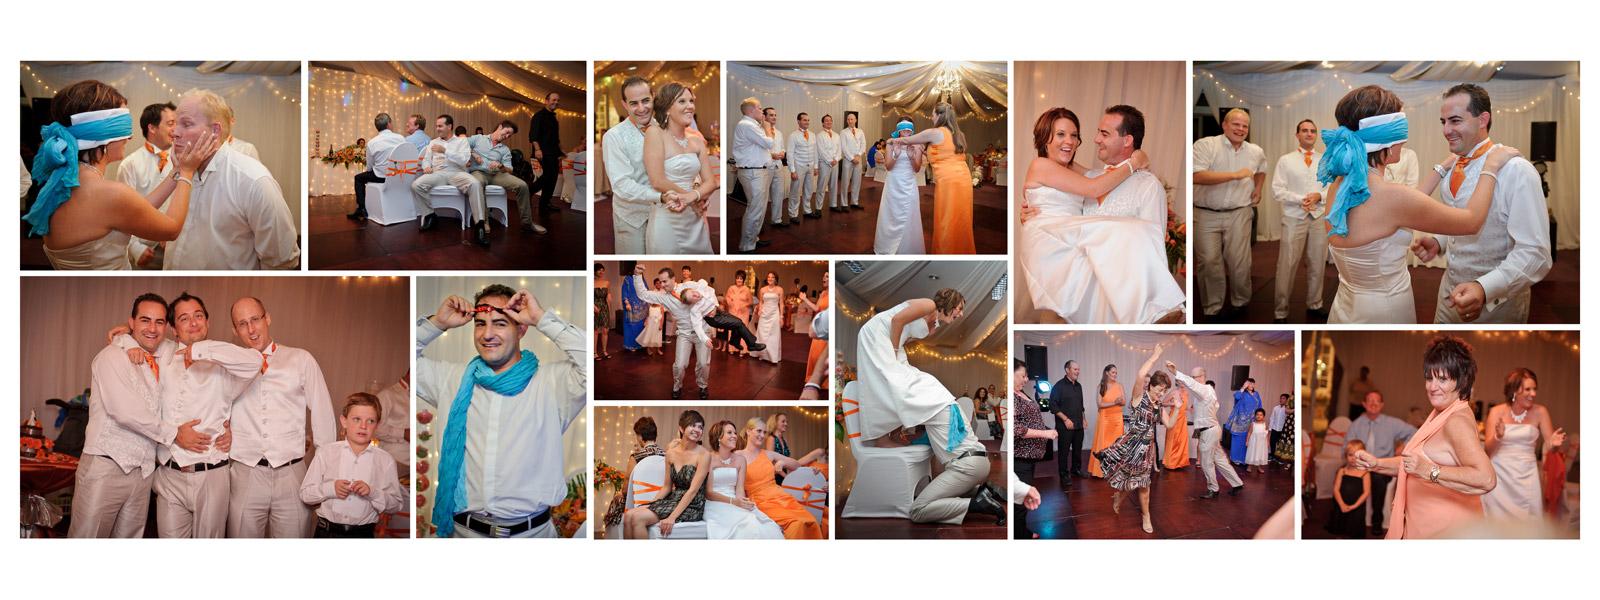 Nathalie Boucry Photography | Charlene and Craig Wedding Album 033